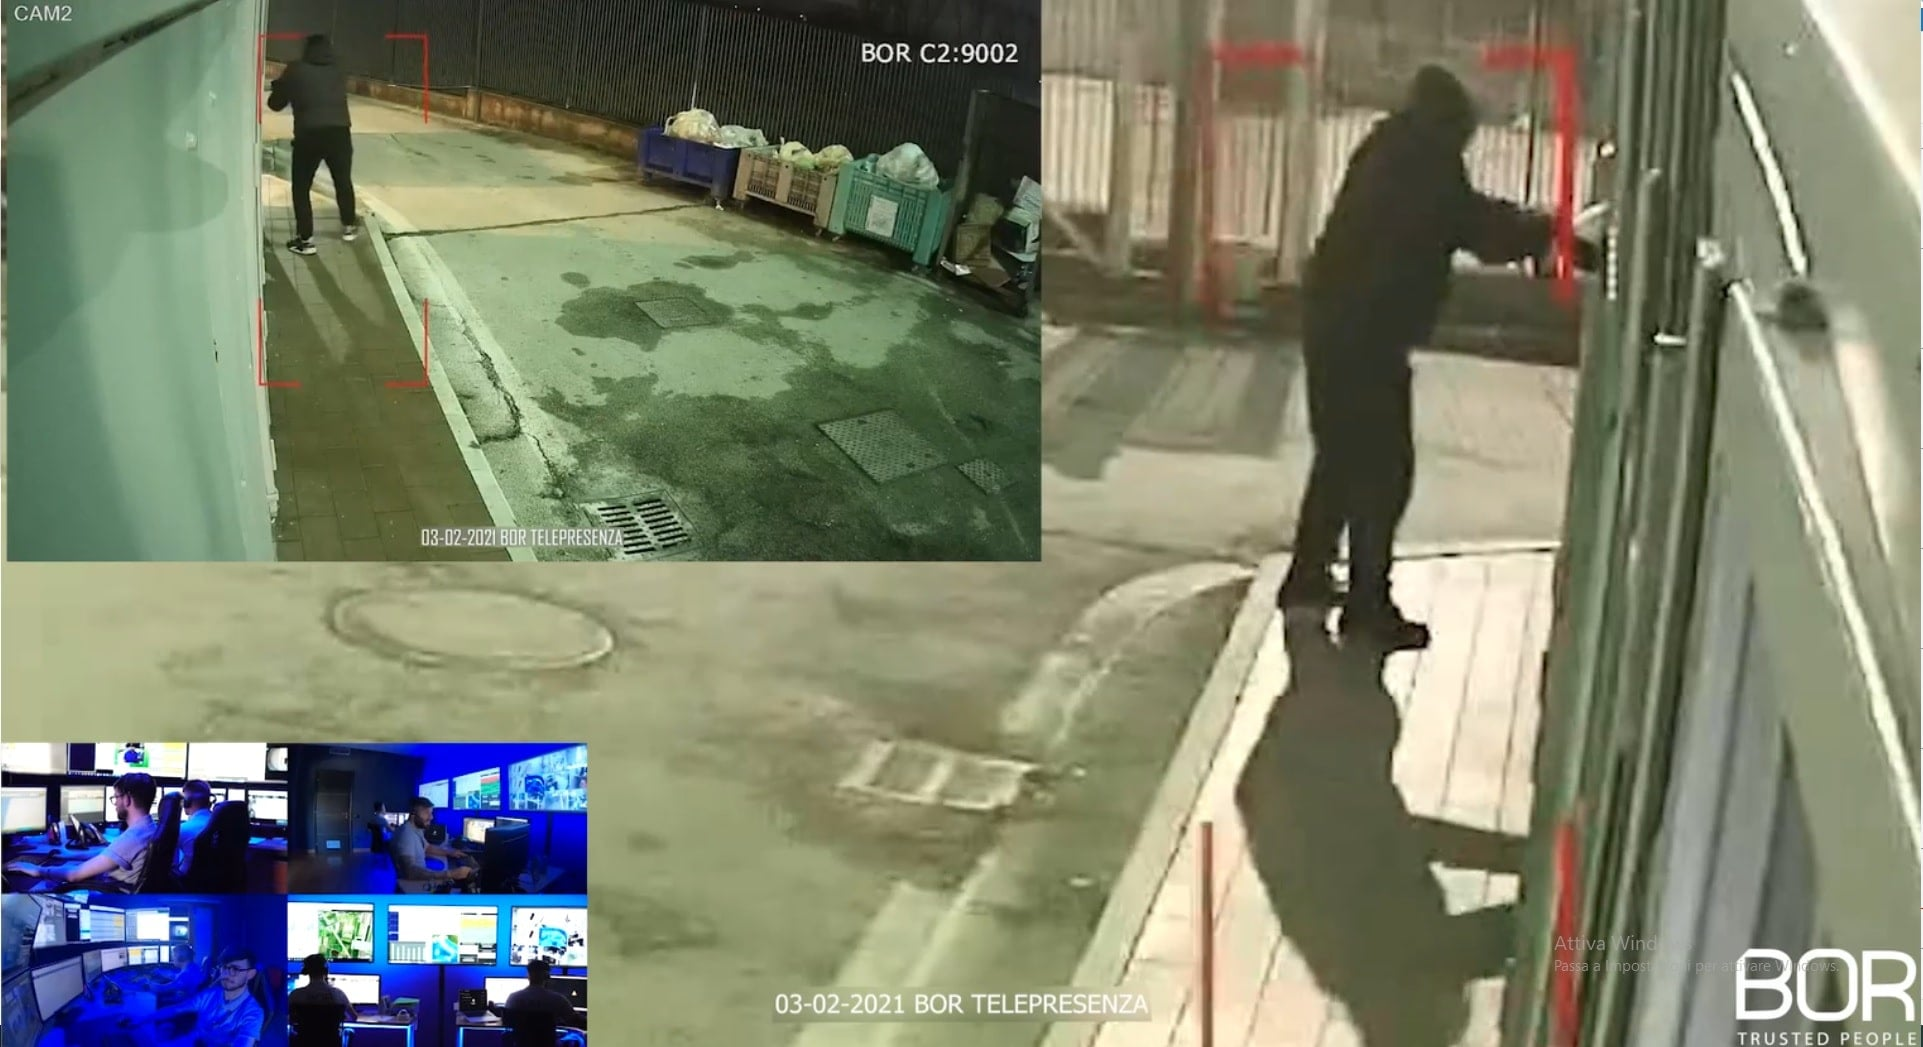 """Carinaro (CE): Ennesimo tentativo di furto sventato presso l'area di servizio """"Barbato Francesco SAS"""""""